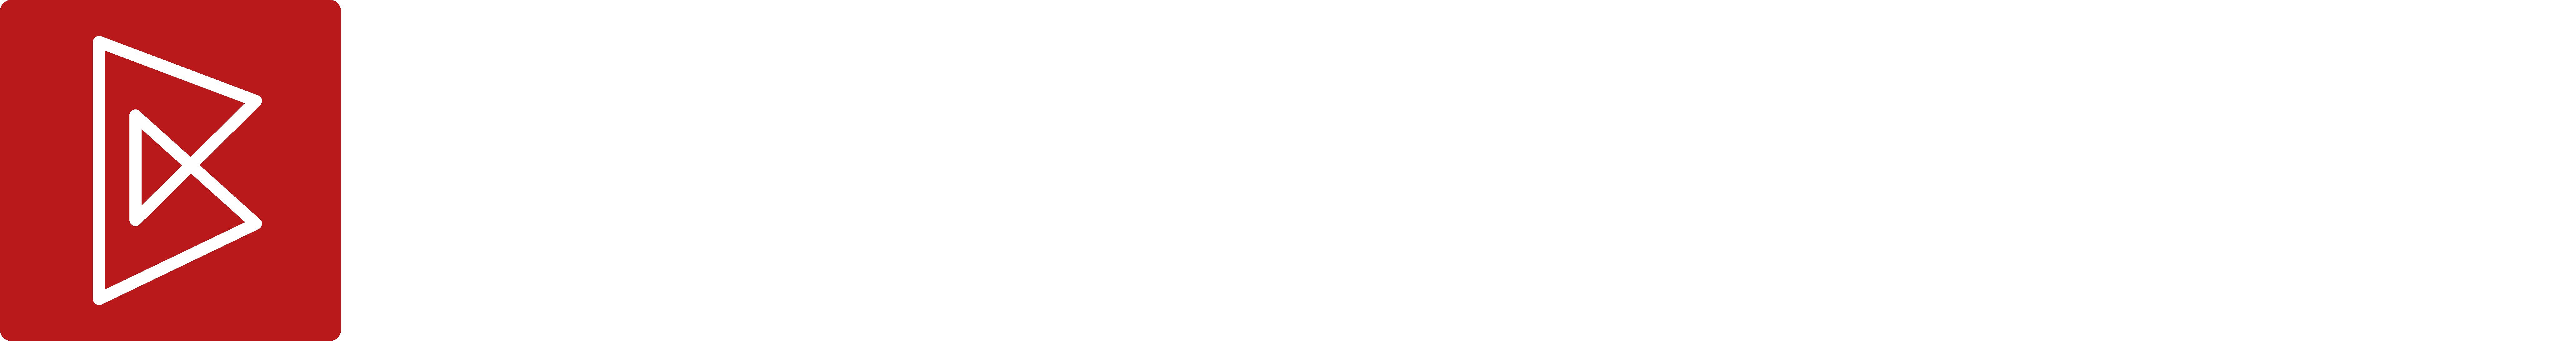 Logo BB Sorteergrijper